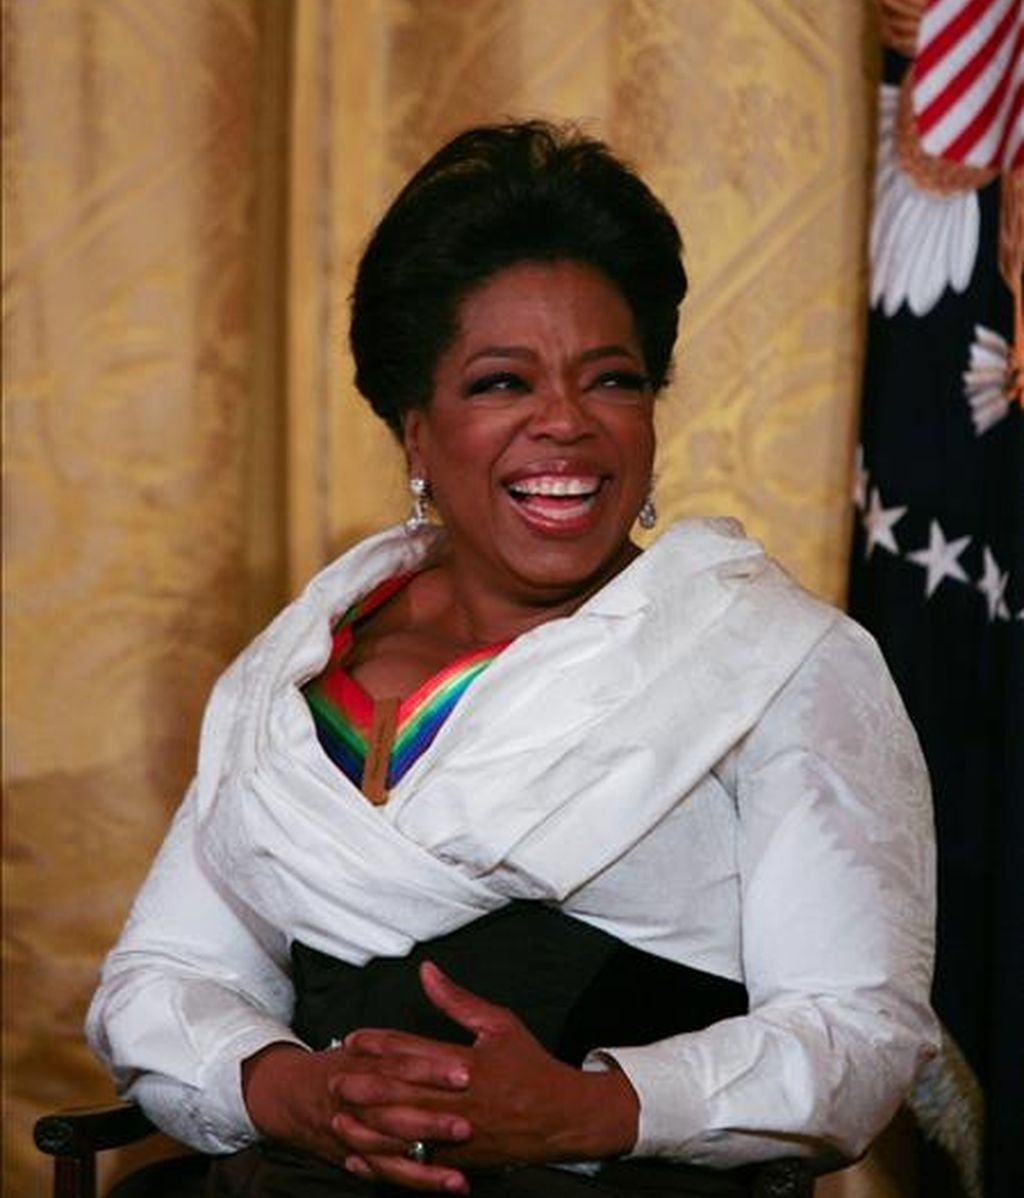 Oprah Winfrey realizó las contribuciones económicas para financiar proyectos educativos y sociales para mujeres y niños a través de la Oprah Winfrey Foundation, organización filantrópica creada por ella misma. EFE/Archivo